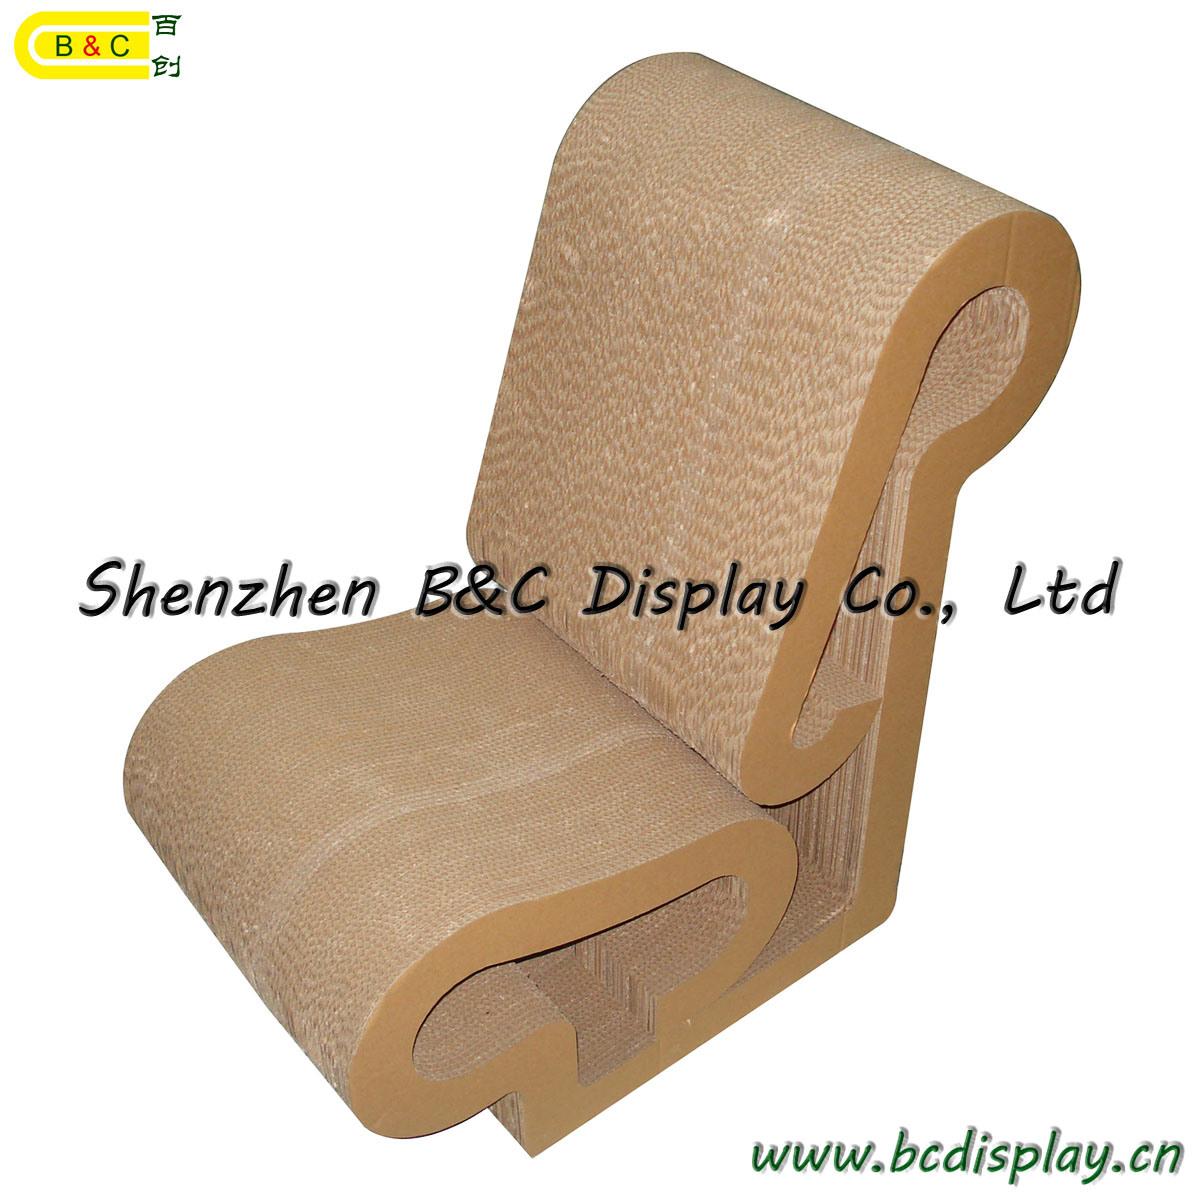 Sillas de papel cart n taburete muebles de cart n b for Muebles de carton precios